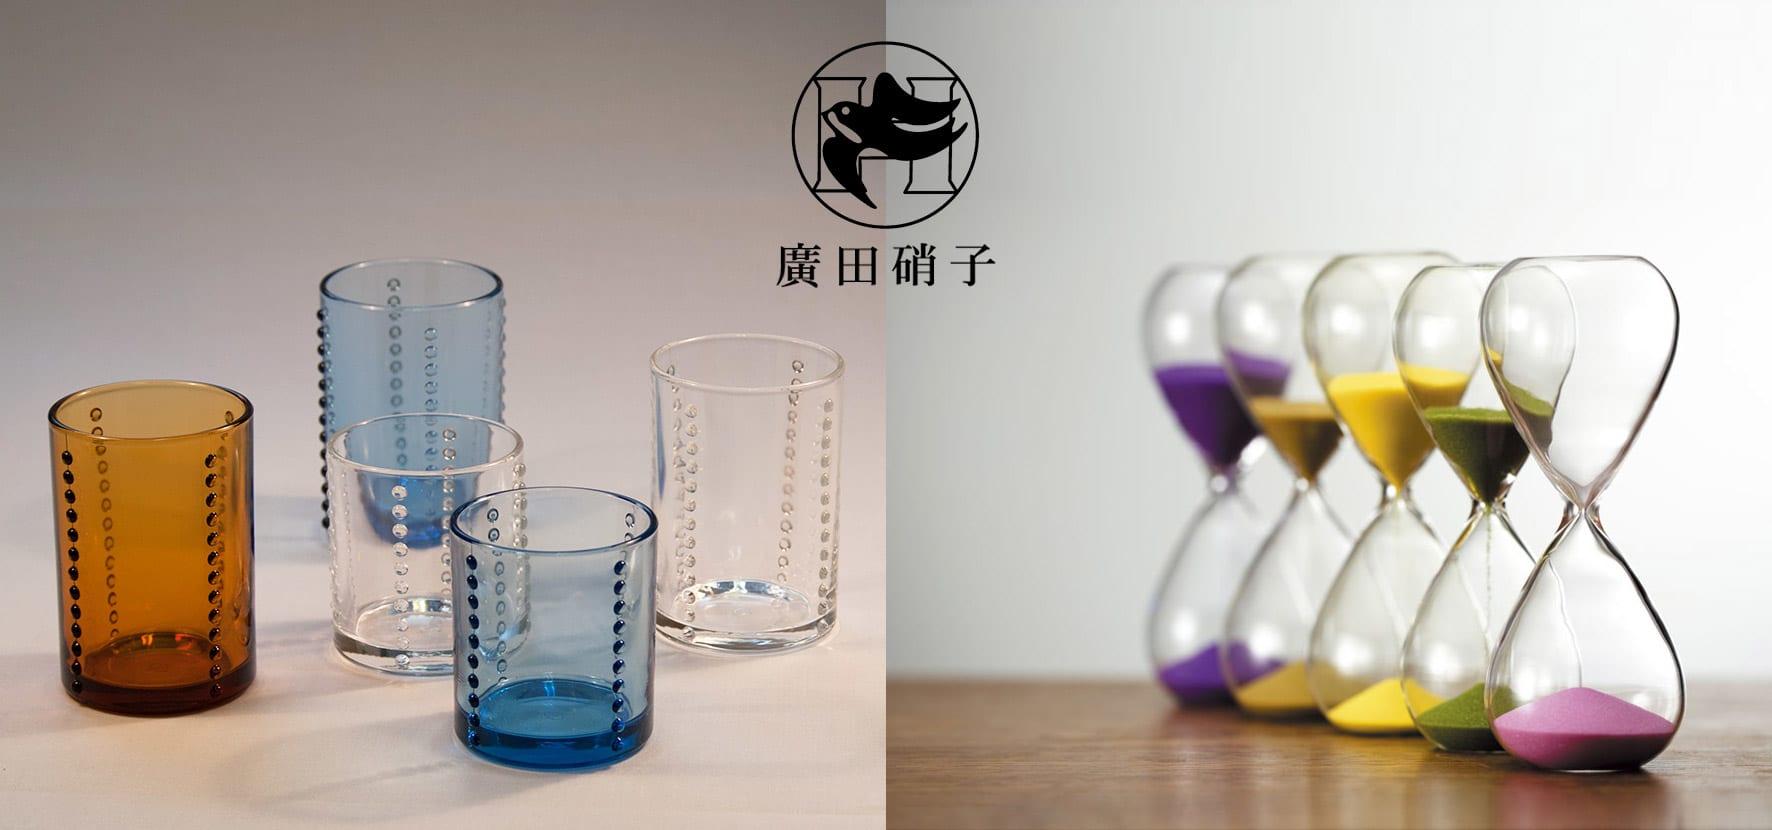 東京で最も歴史のある硝子メーカーの一つです。ヨーロッパから伝わったガラス製造は、日本の美意識と融合し、独自のデザインを開花させました。創業より社に伝わるデザイン資料を元に、江戸切子や吹き硝子などの手仕事による伝統的製造を継承し、現代のインテリアに調和するプロダクトを作り続けています。